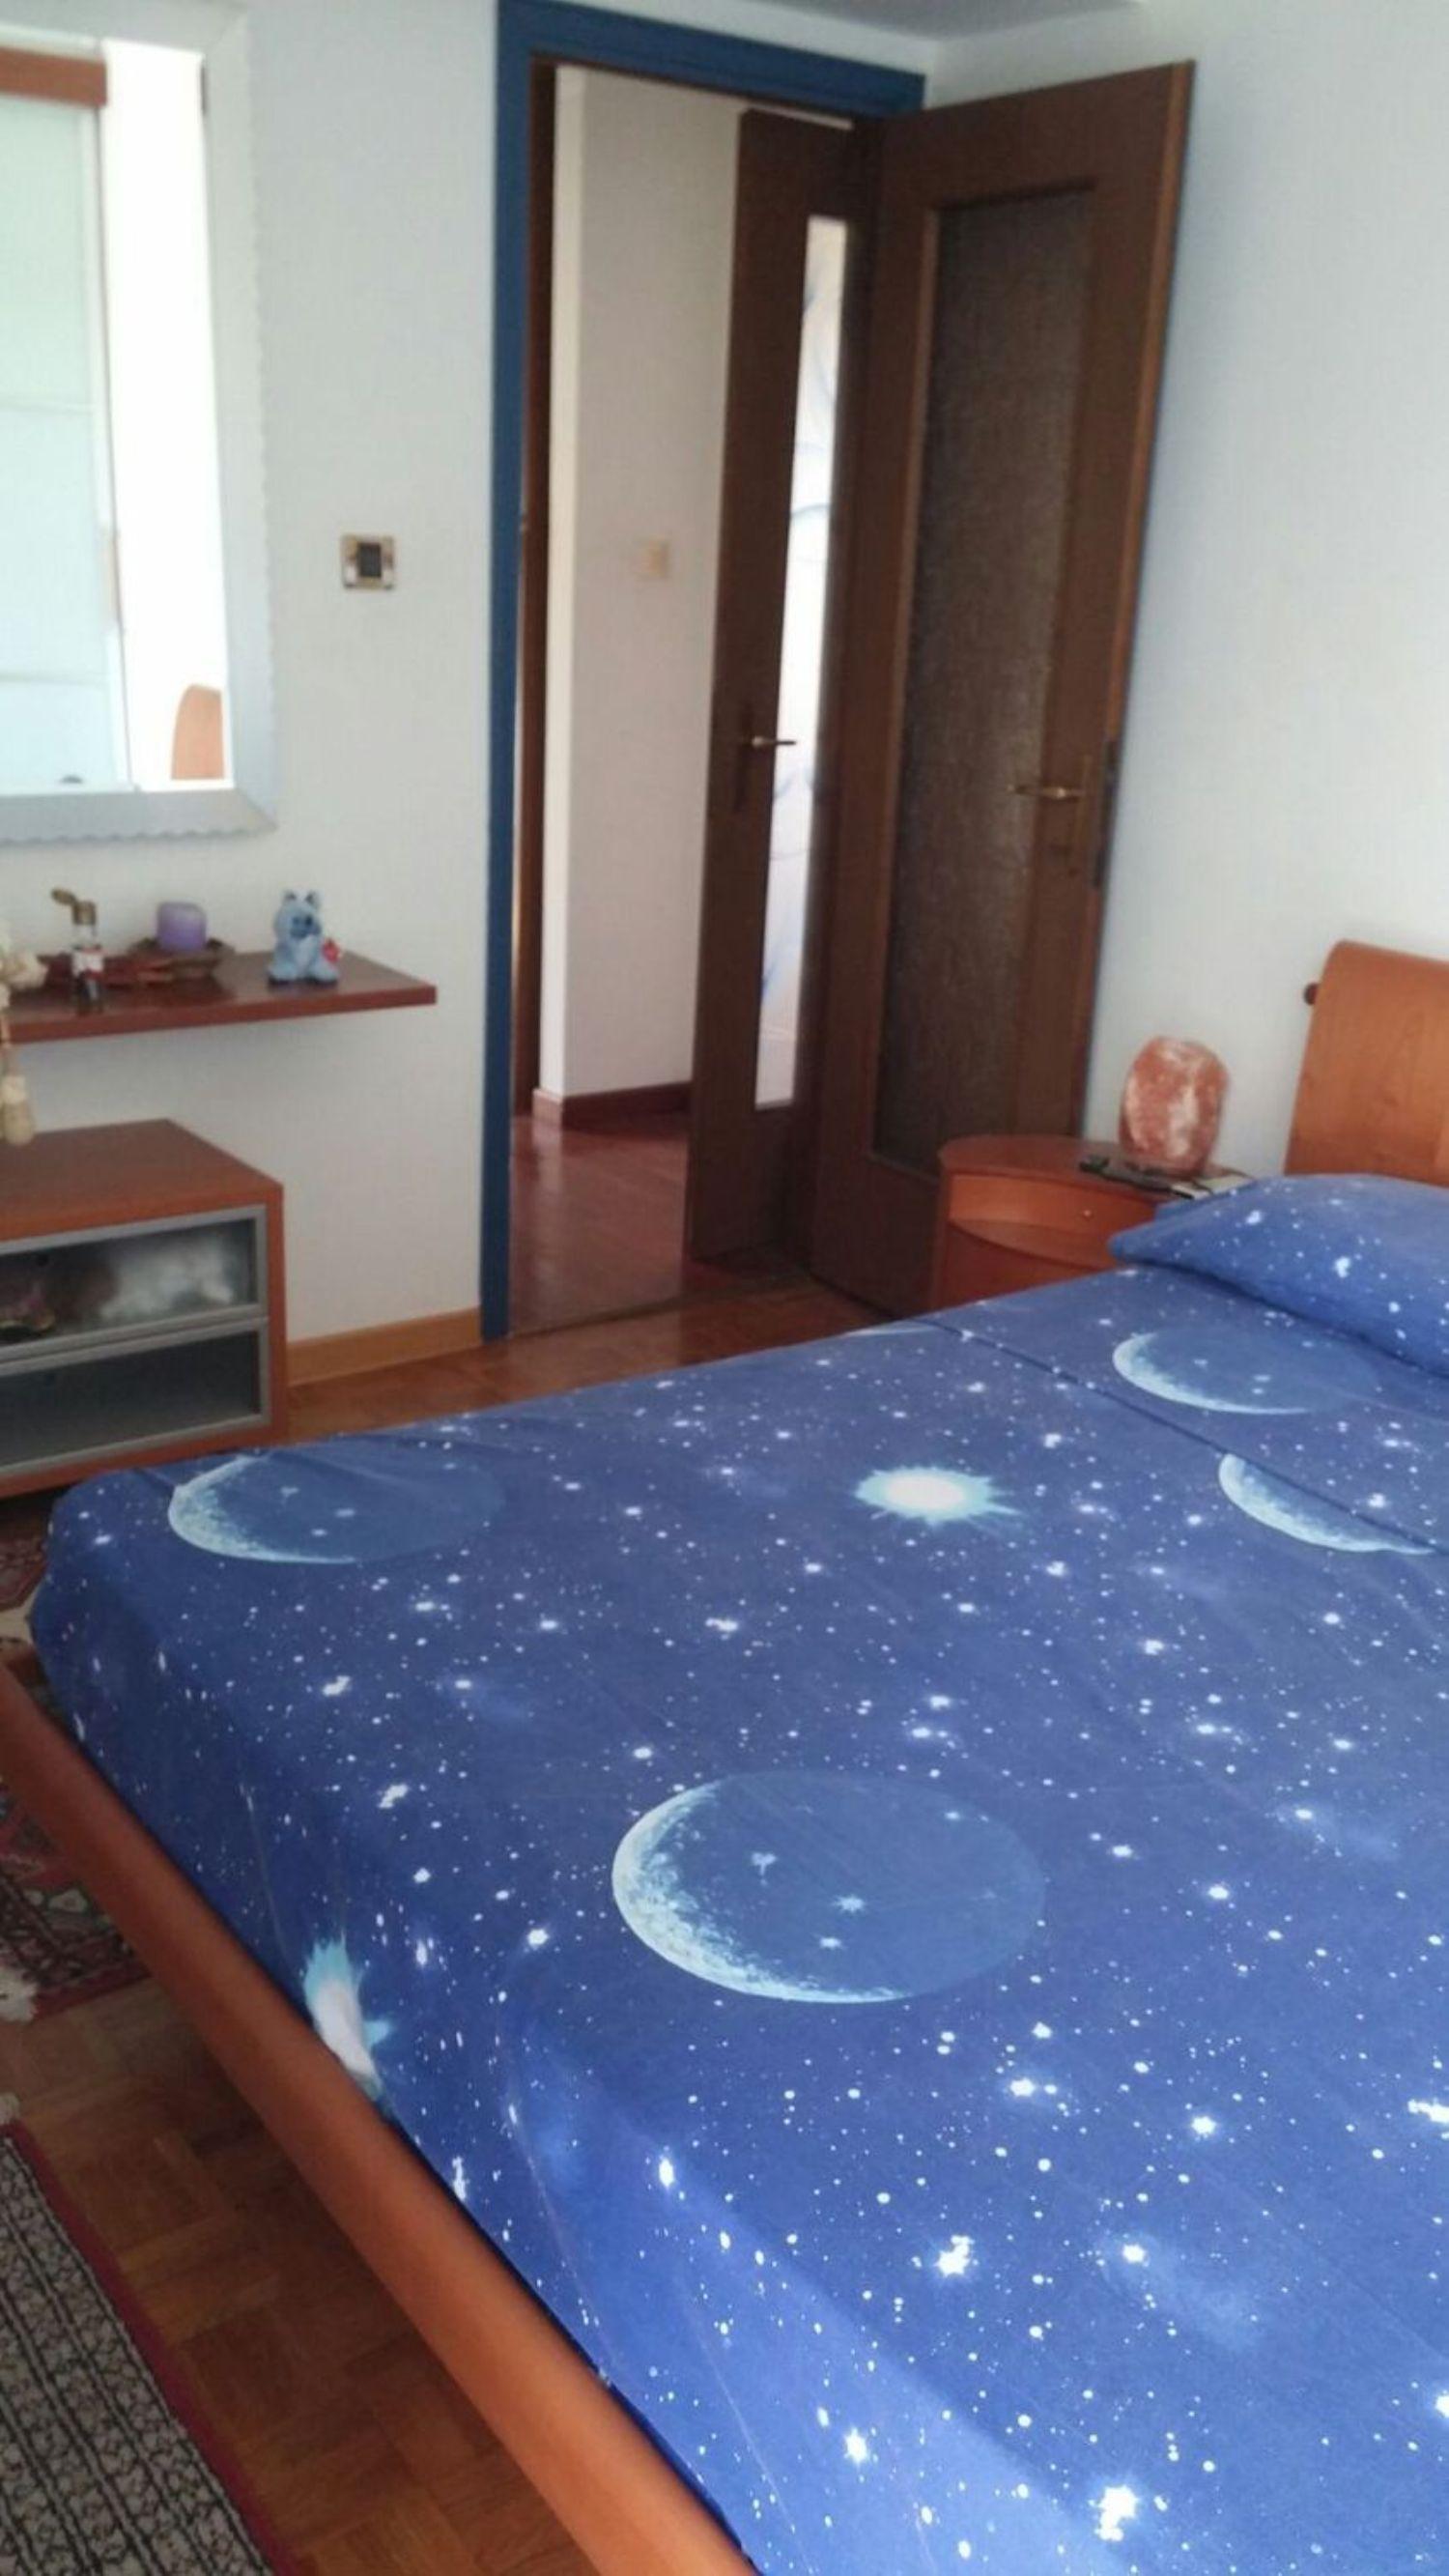 Appartamento in vendita a Trieste, 4 locali, prezzo € 119.000 | Cambio Casa.it